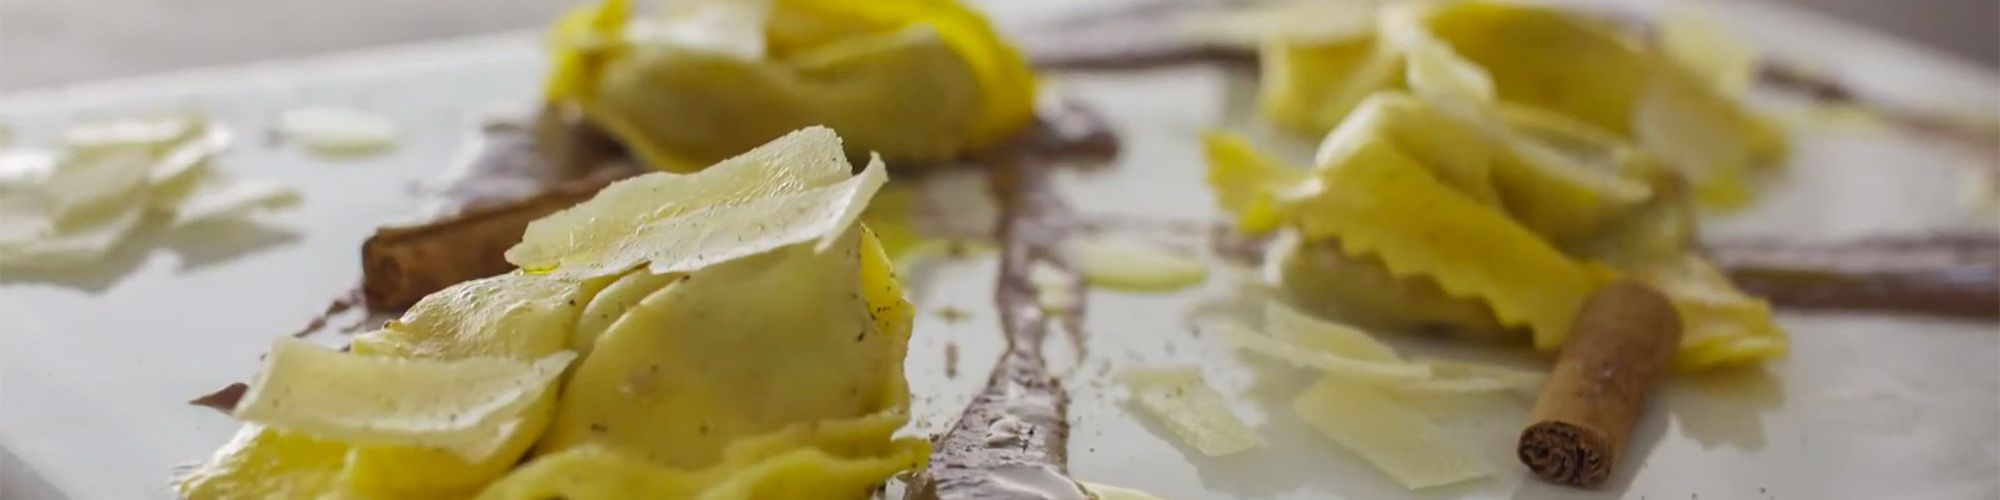 ricetta Tortelli al salmì di cervo, salsa al finocchio, cacao e pecorino stagionato di Norcia con pasta fresca